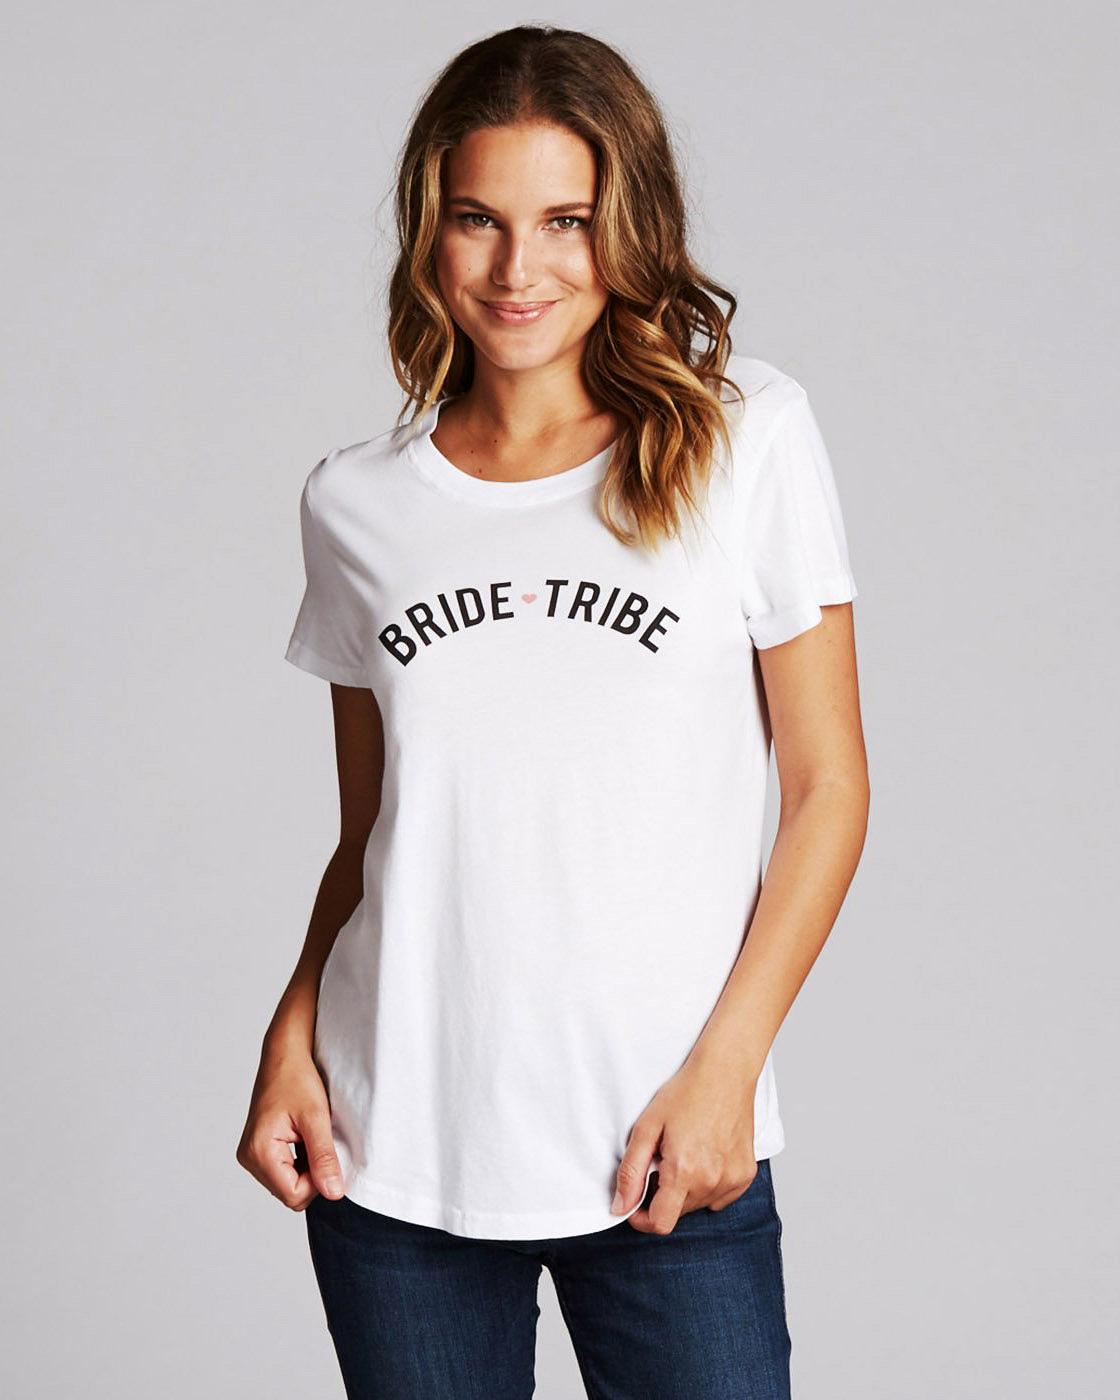 bachelorette party supplies modthread t shirt